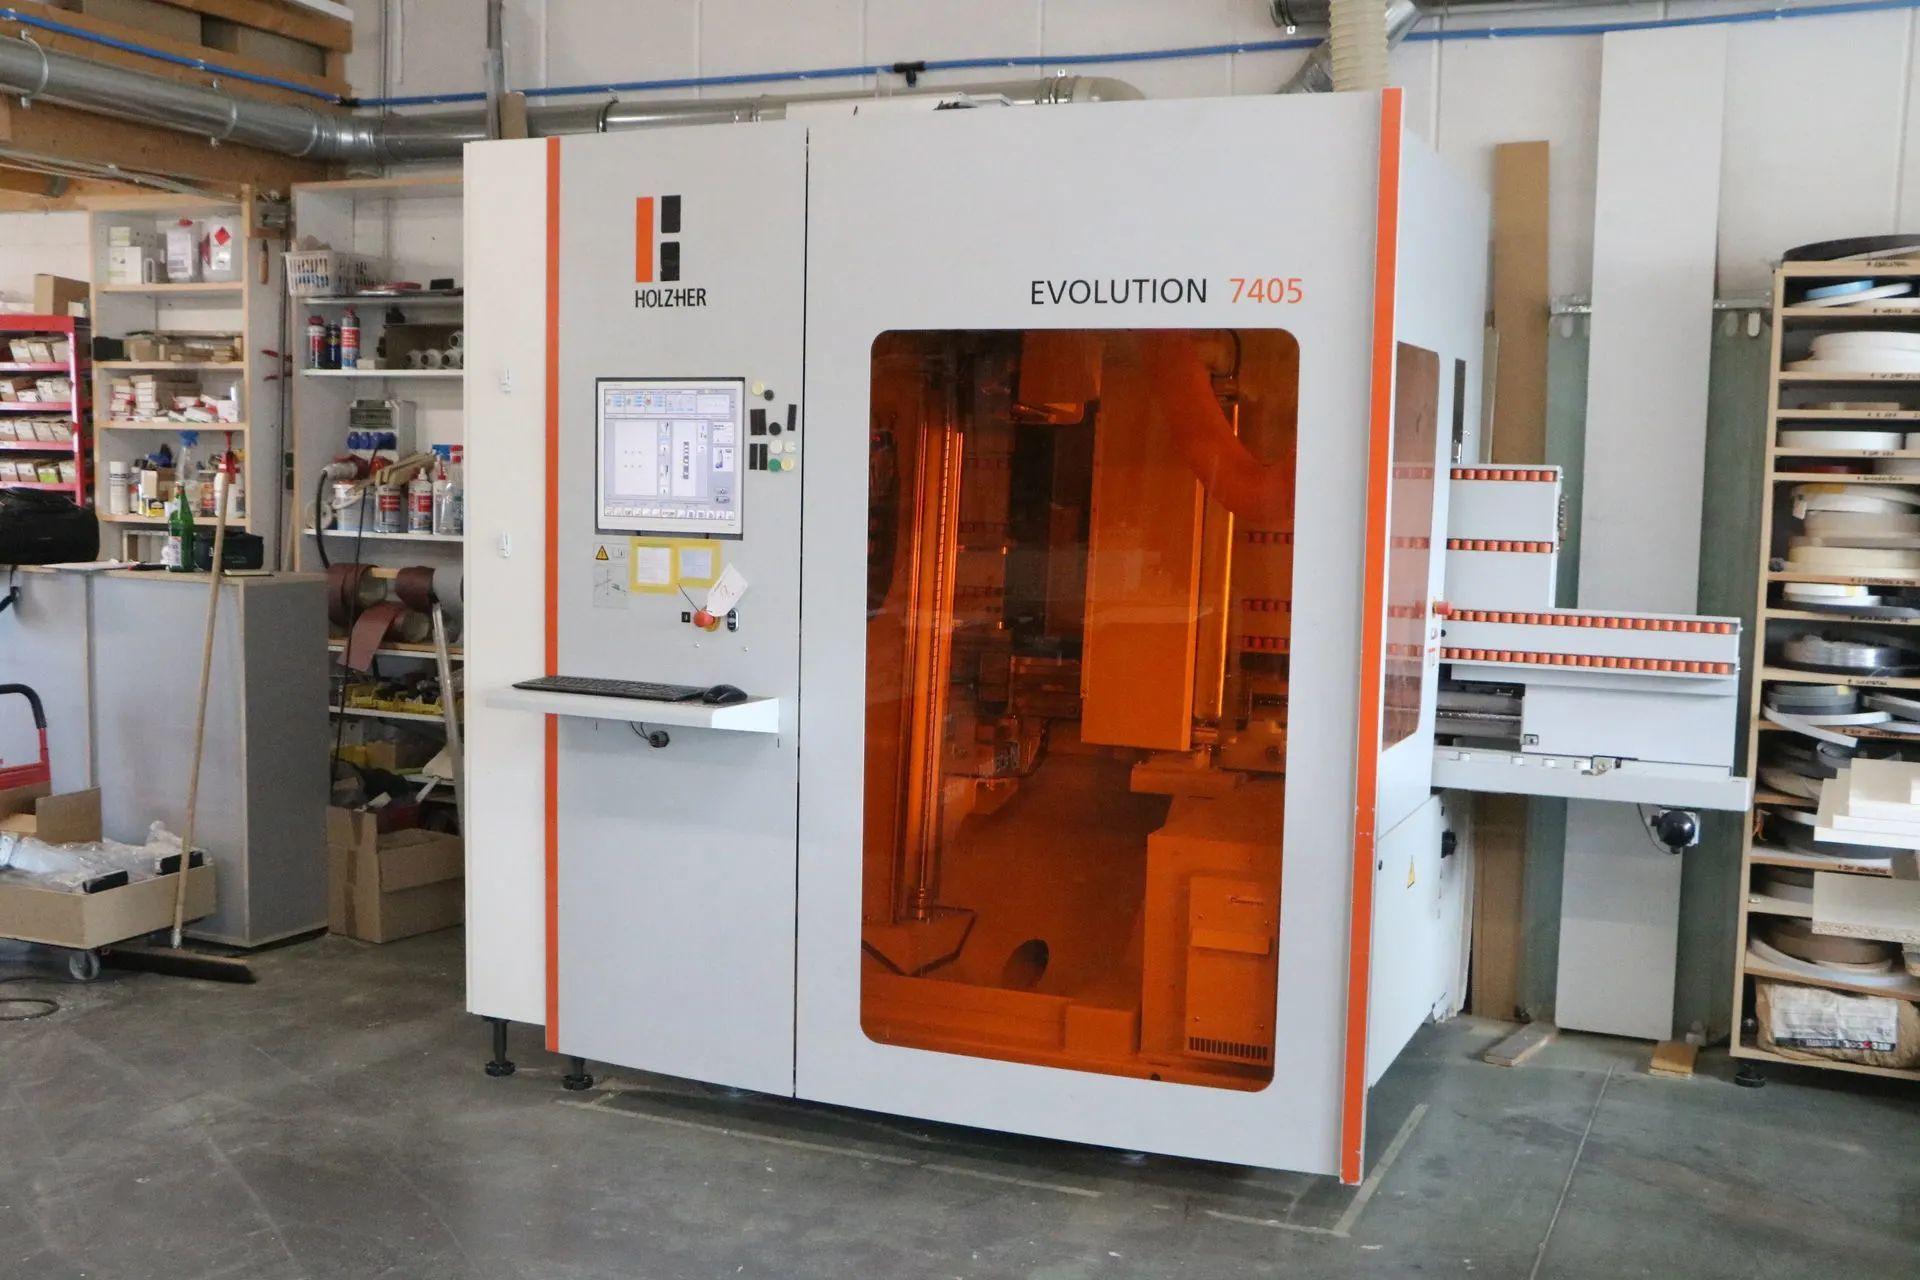 Centro di lavoro CNC HOLZ-HER EVOLUTION 7405  in vendita - foto 1